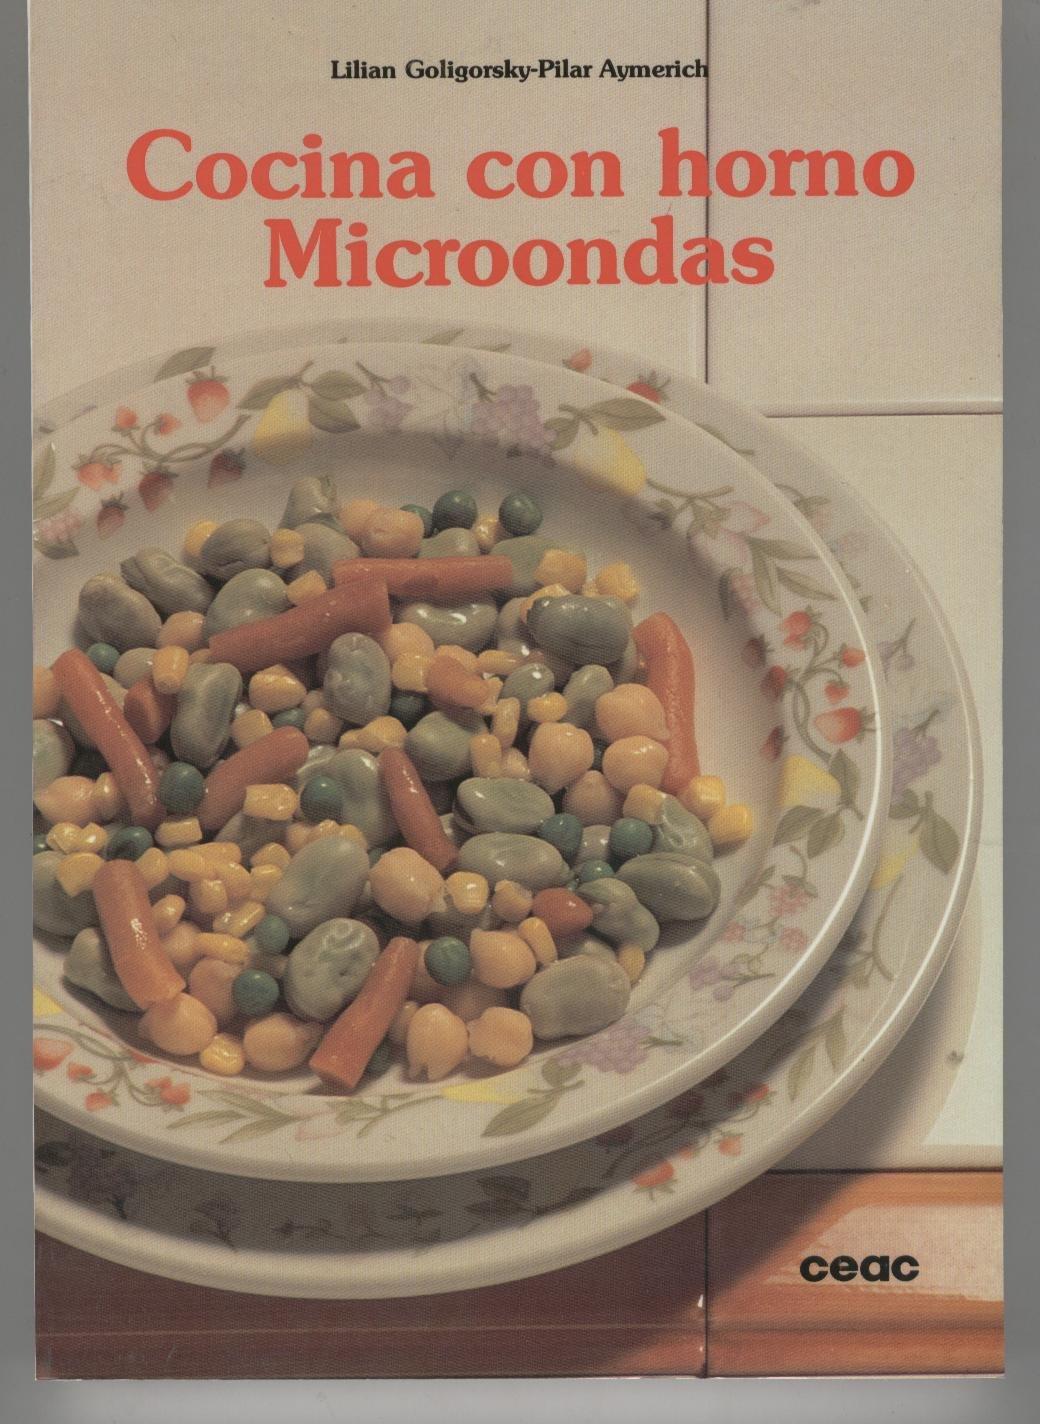 Cocina con horno microondas: Amazon.es: Lilian Goligorsky: Libros